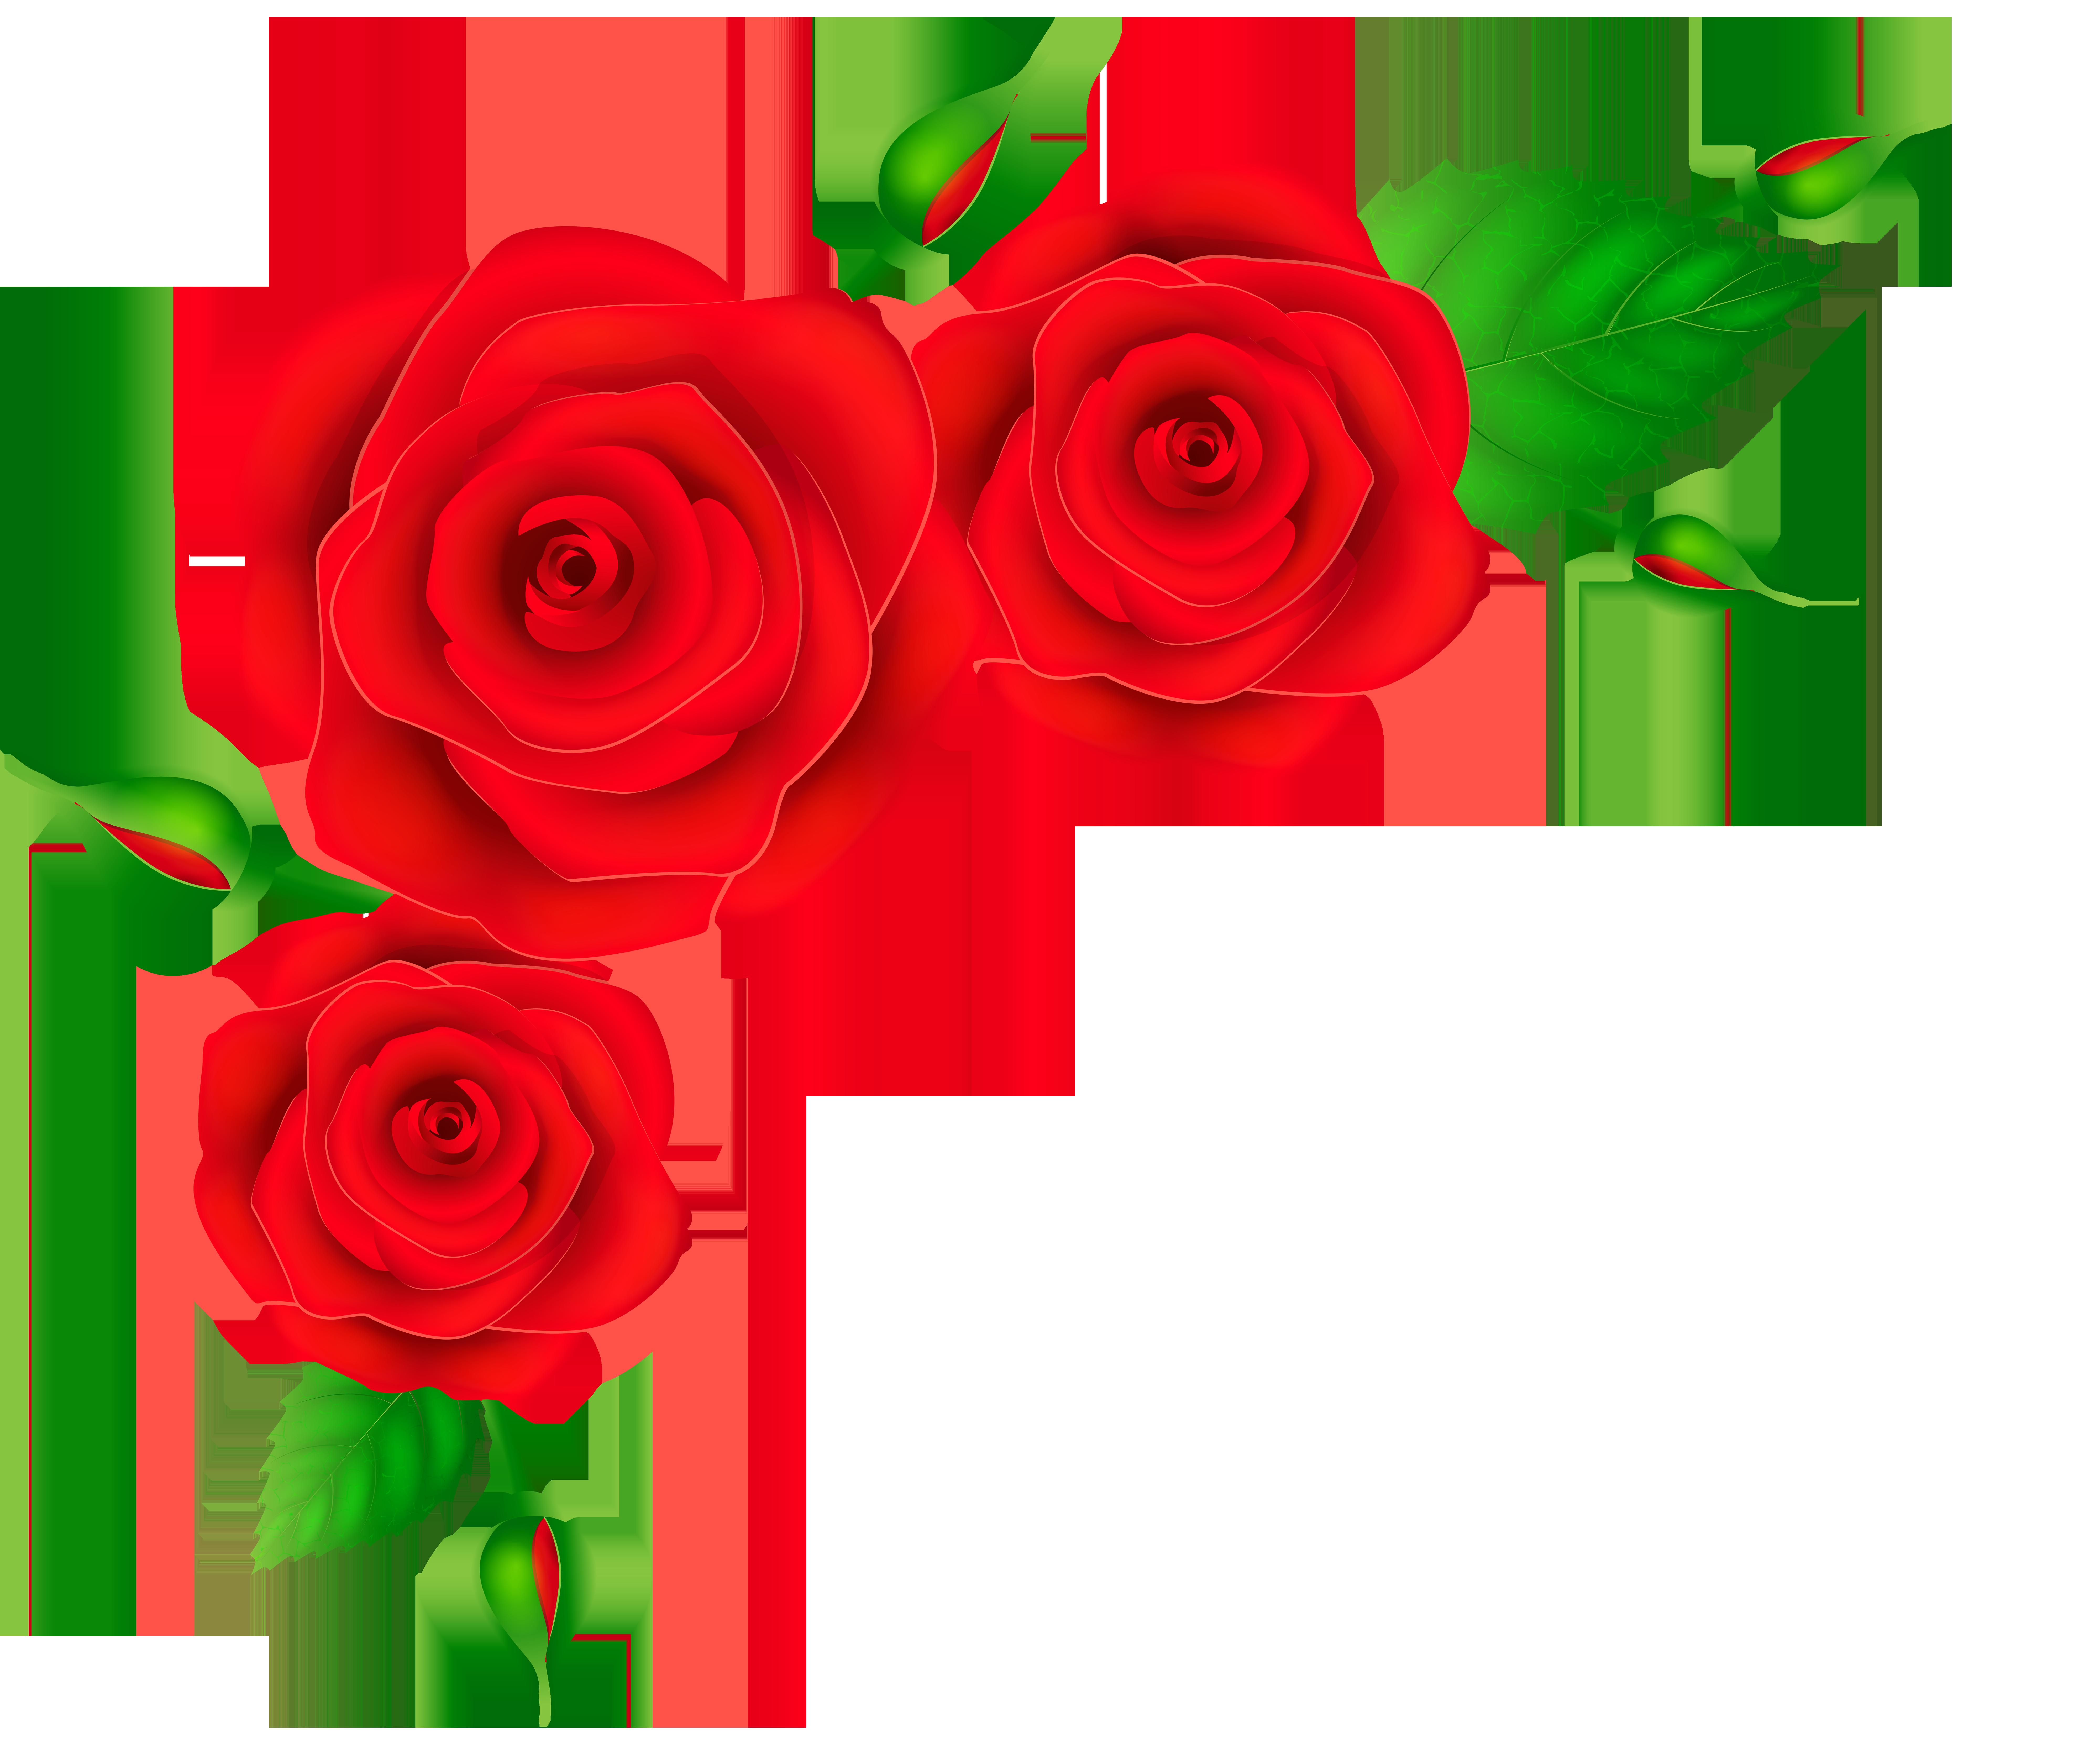 rose corner clipart free download best rose corner roses clip art black and white roses clip art images